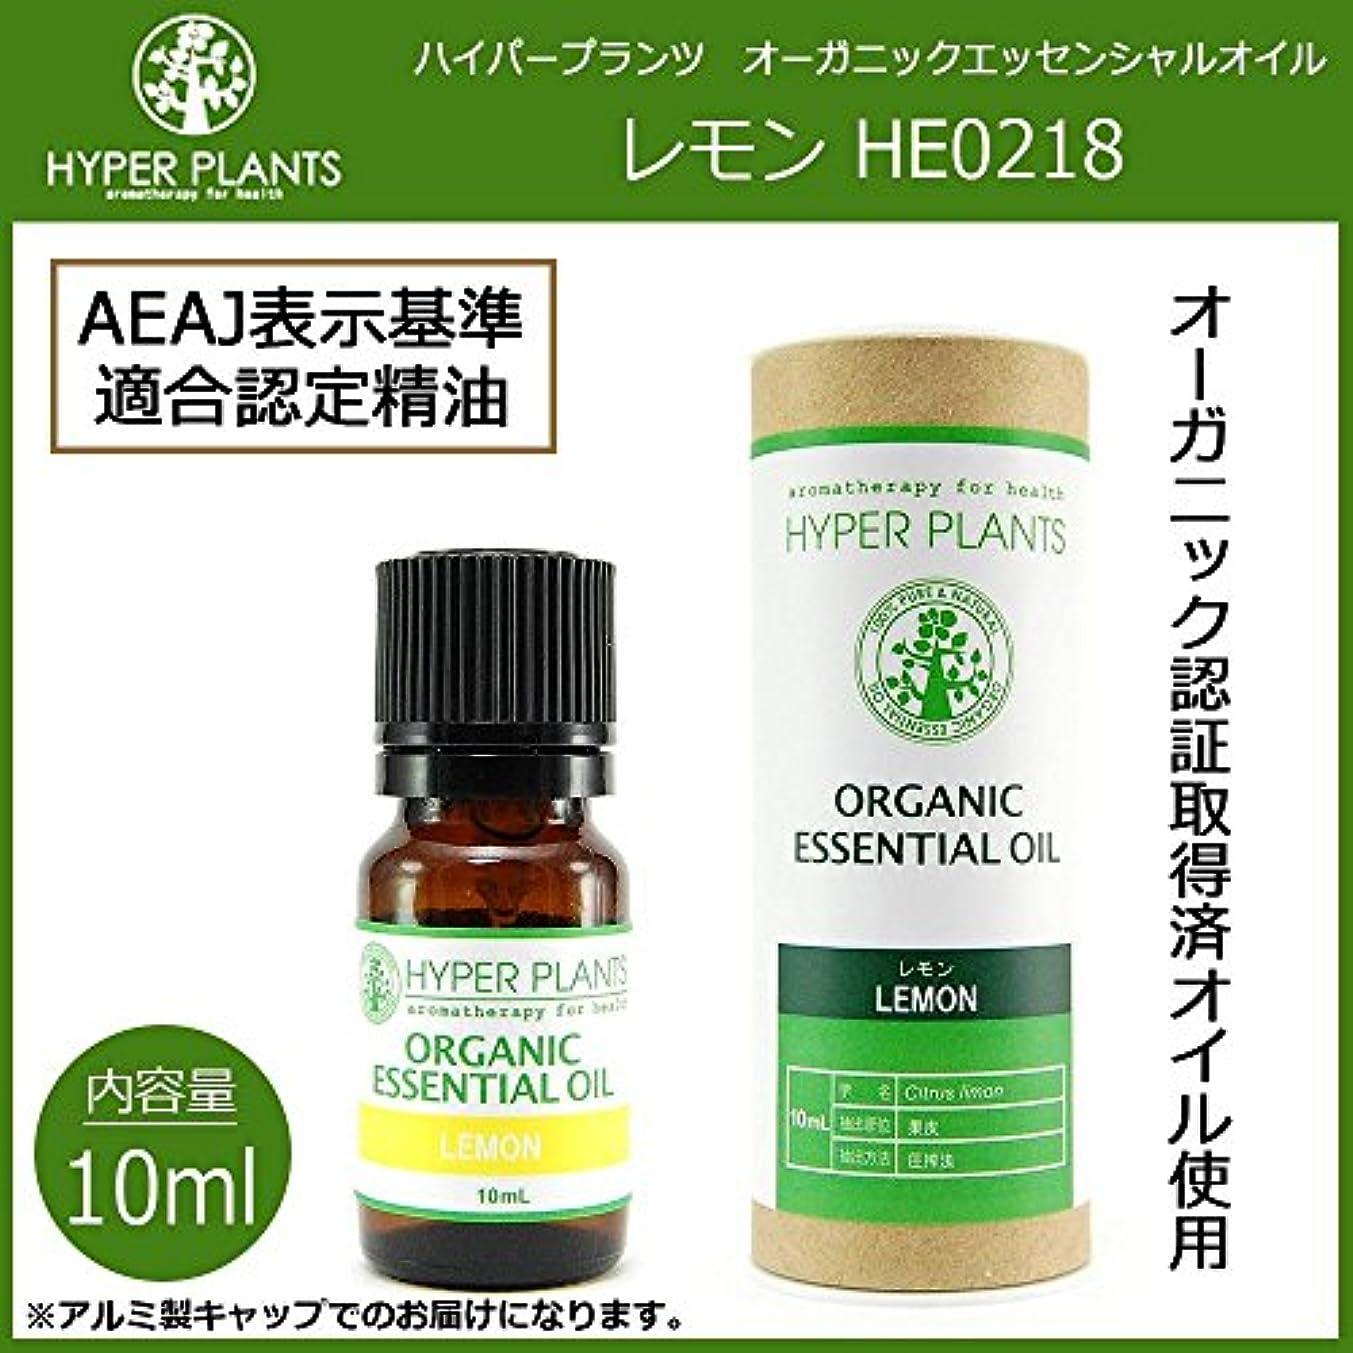 憂慮すべき実り多い操作可能HYPER PLANTS ハイパープランツ オーガニックエッセンシャルオイル レモン 10ml HE0218